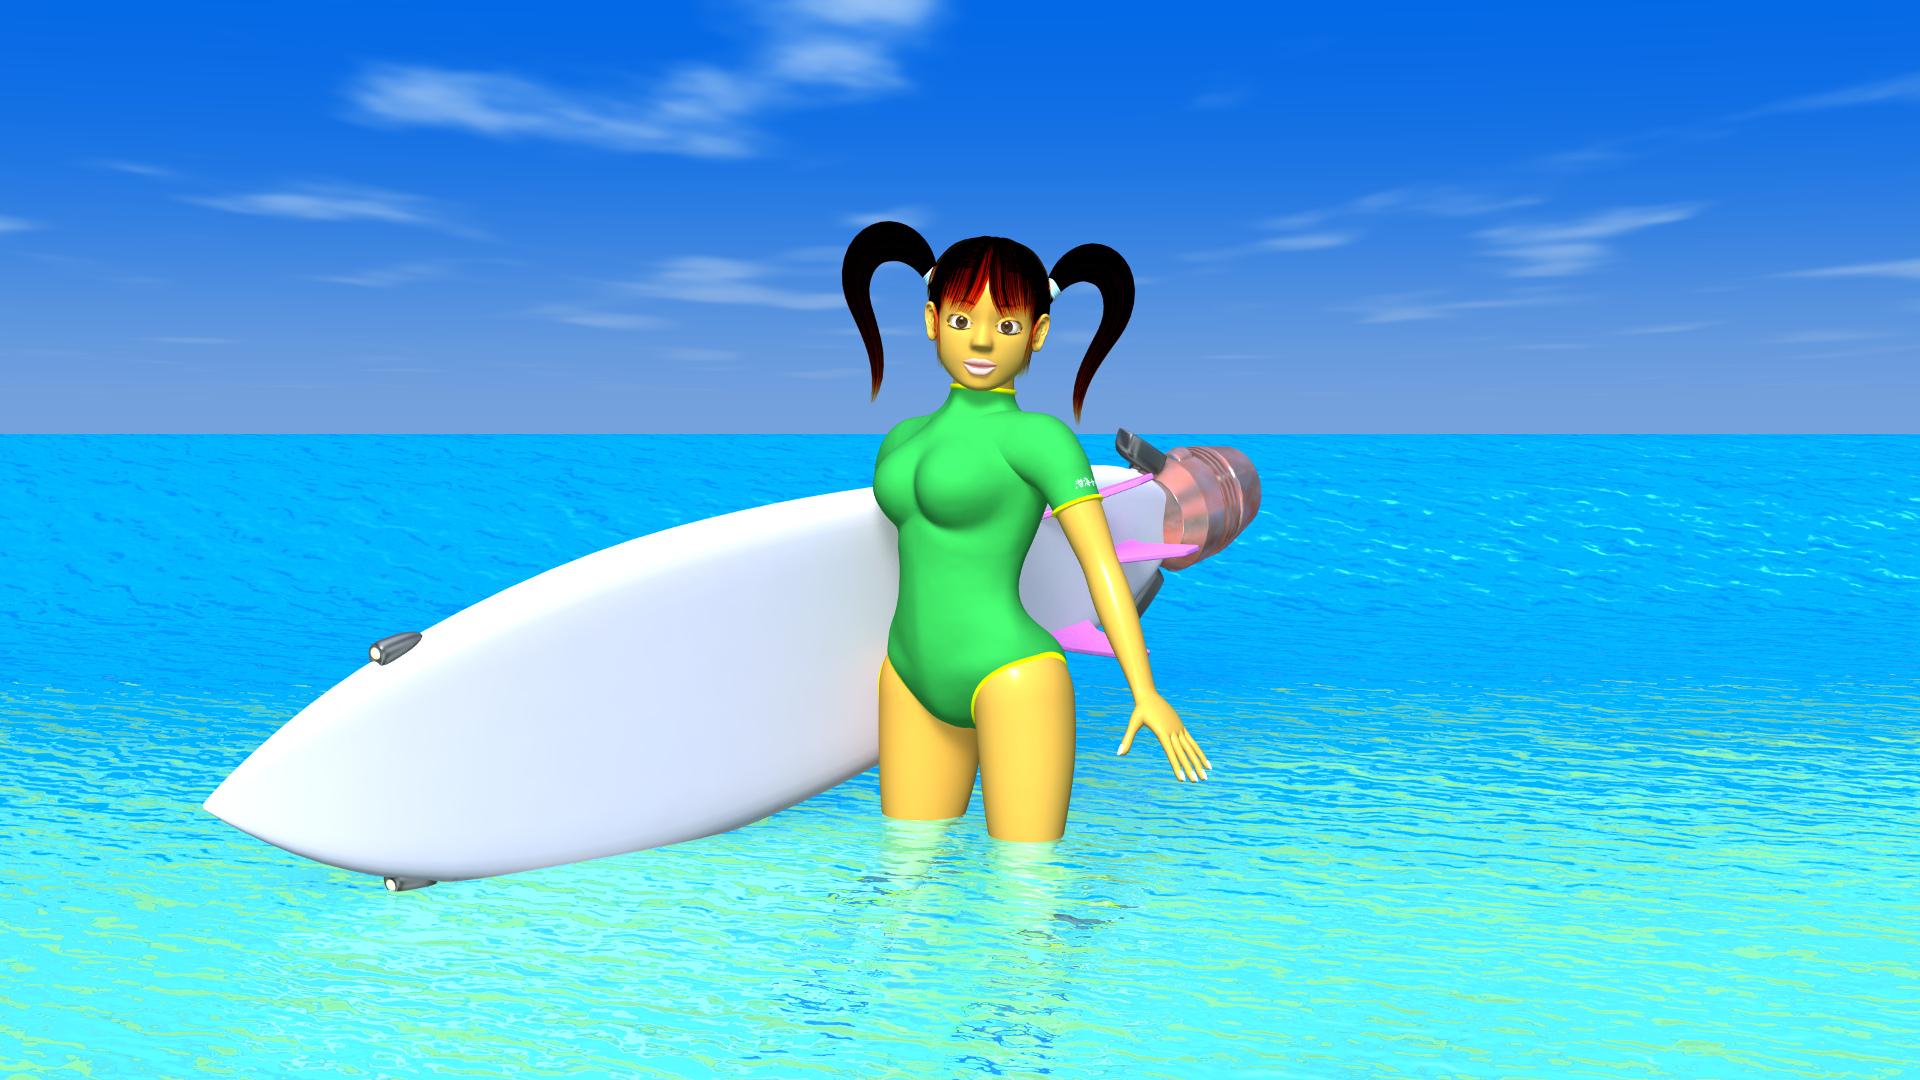 海とサーフボードと3DキャラクターのOL-2